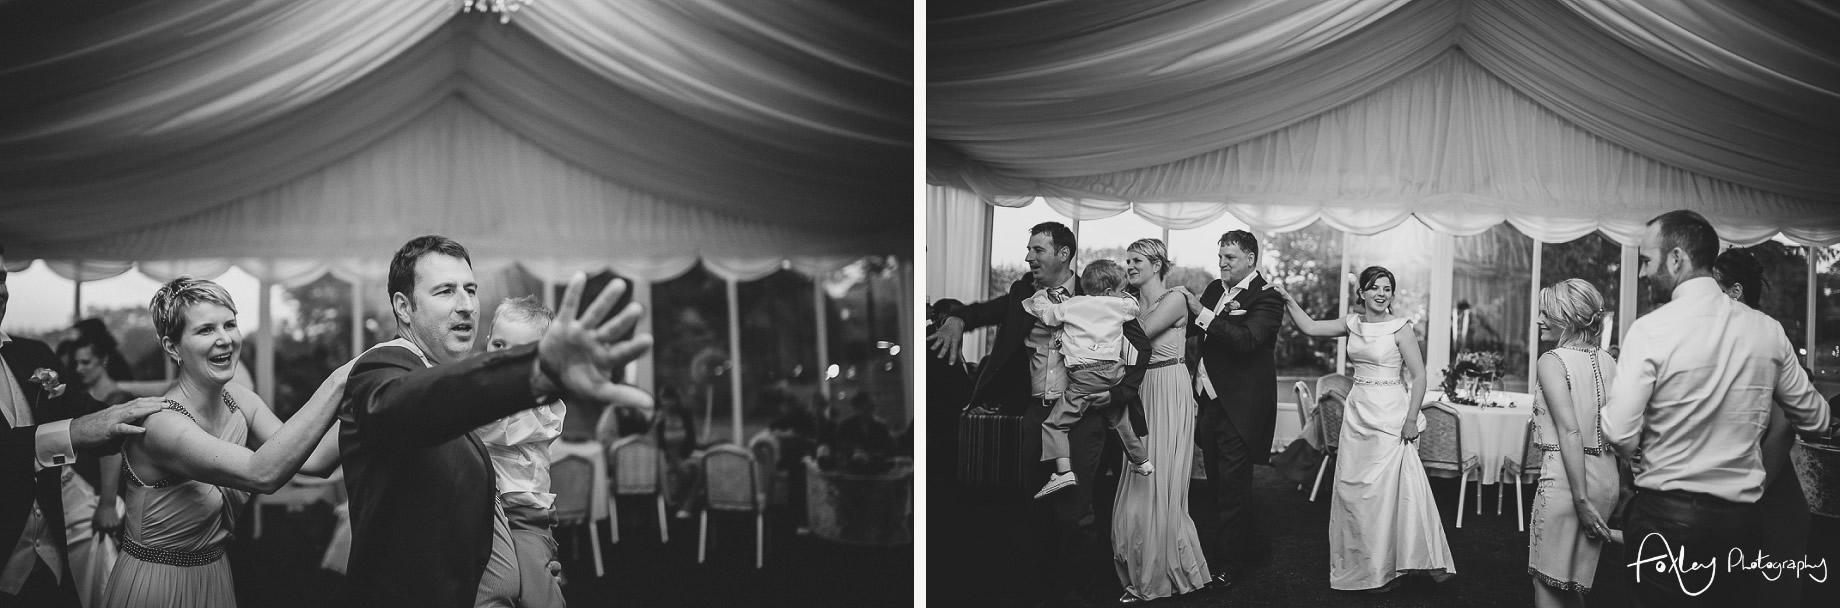 Simona-and-Robert-Wedding-at-Colshaw-Hall-156